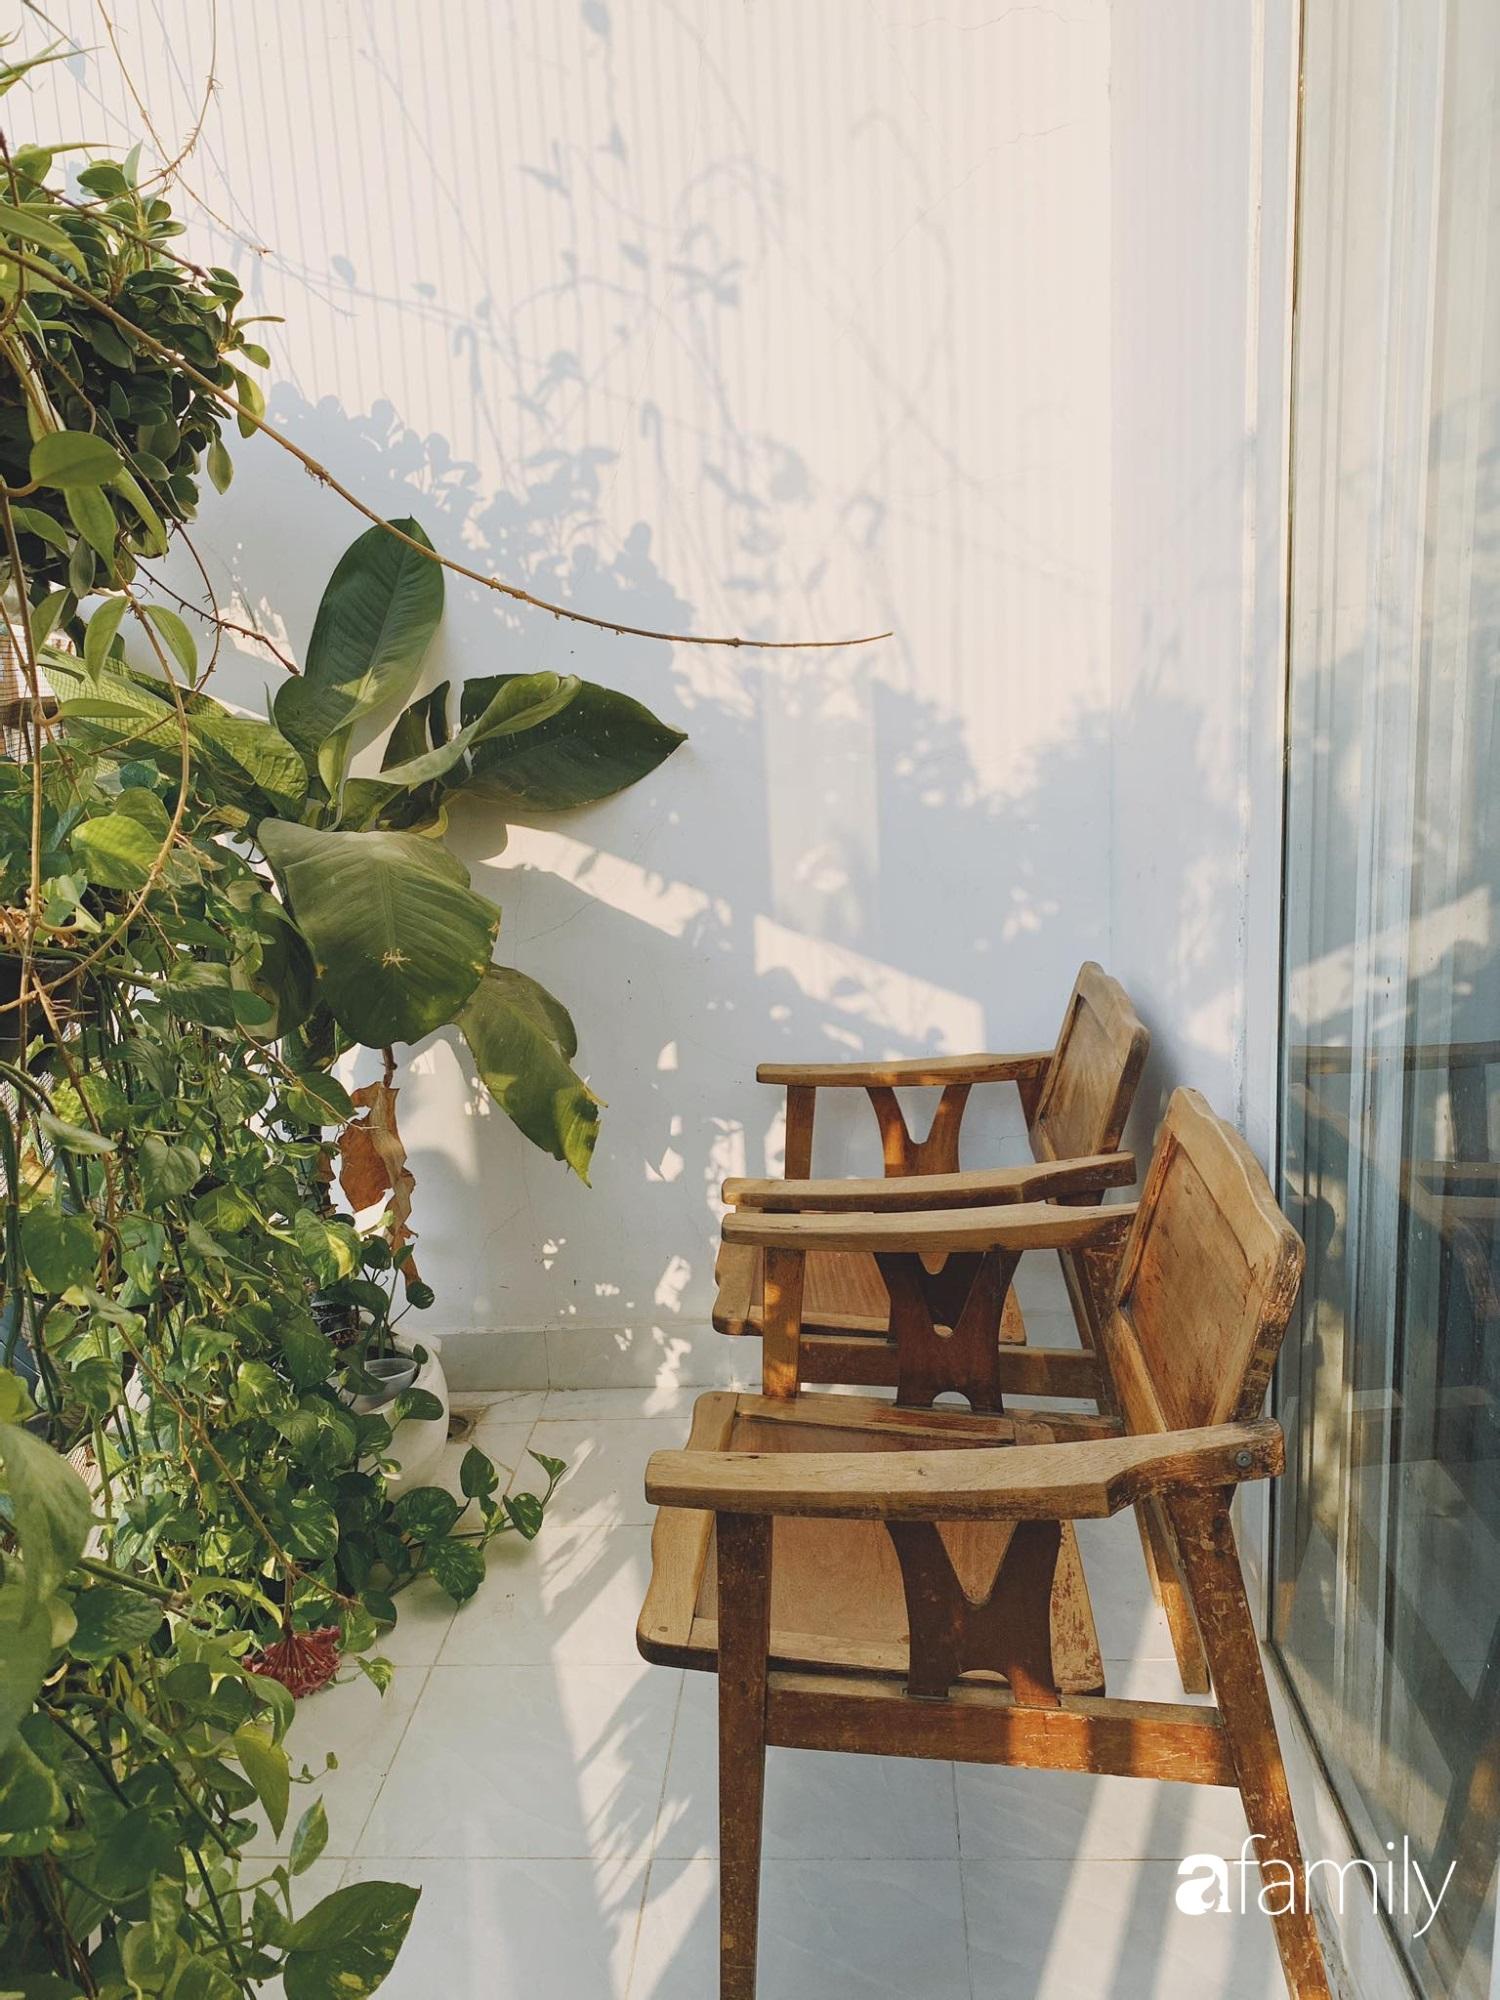 Dù là căn hộ đi thuê nhưng đôi vợ chồng yêu thích sống tự do ở Sài Gòn đã thiết kế nội thất theo phong cách tối giản vô cùng hợp lý lại tiết kiệm - Ảnh 14